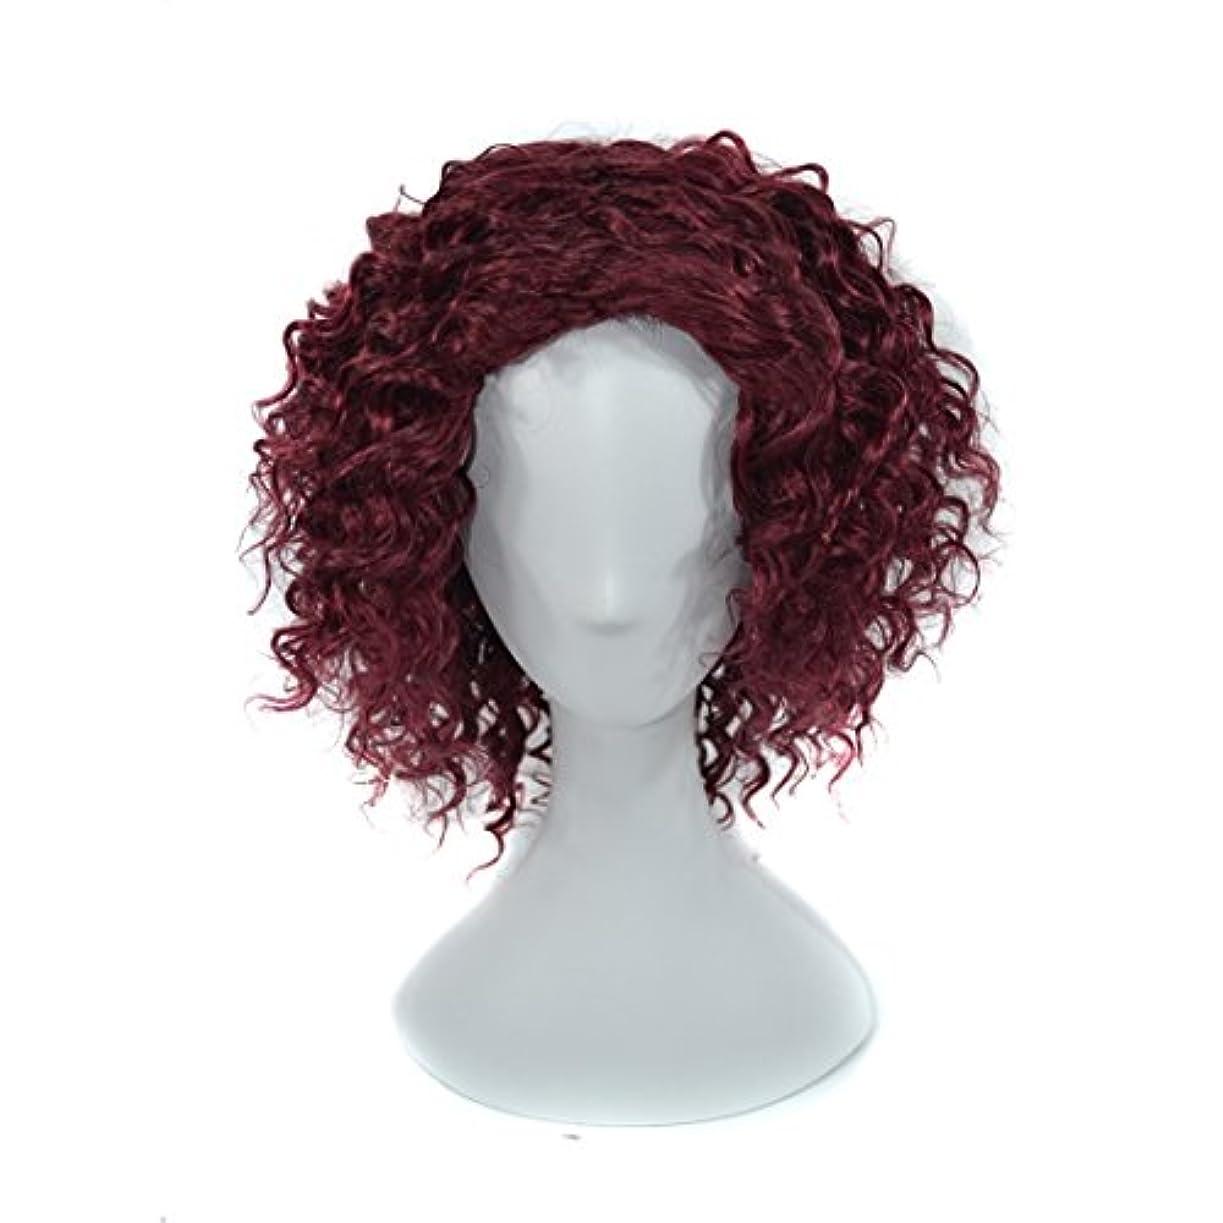 肉屋法律により文化YOUQIU 女性の赤ワイン用16インチヒト小カーリーヘアは220グラムかつら合成デイリーウィッグ傾斜前髪で染色カーリーウィッグことはできません (色 : Red wine)